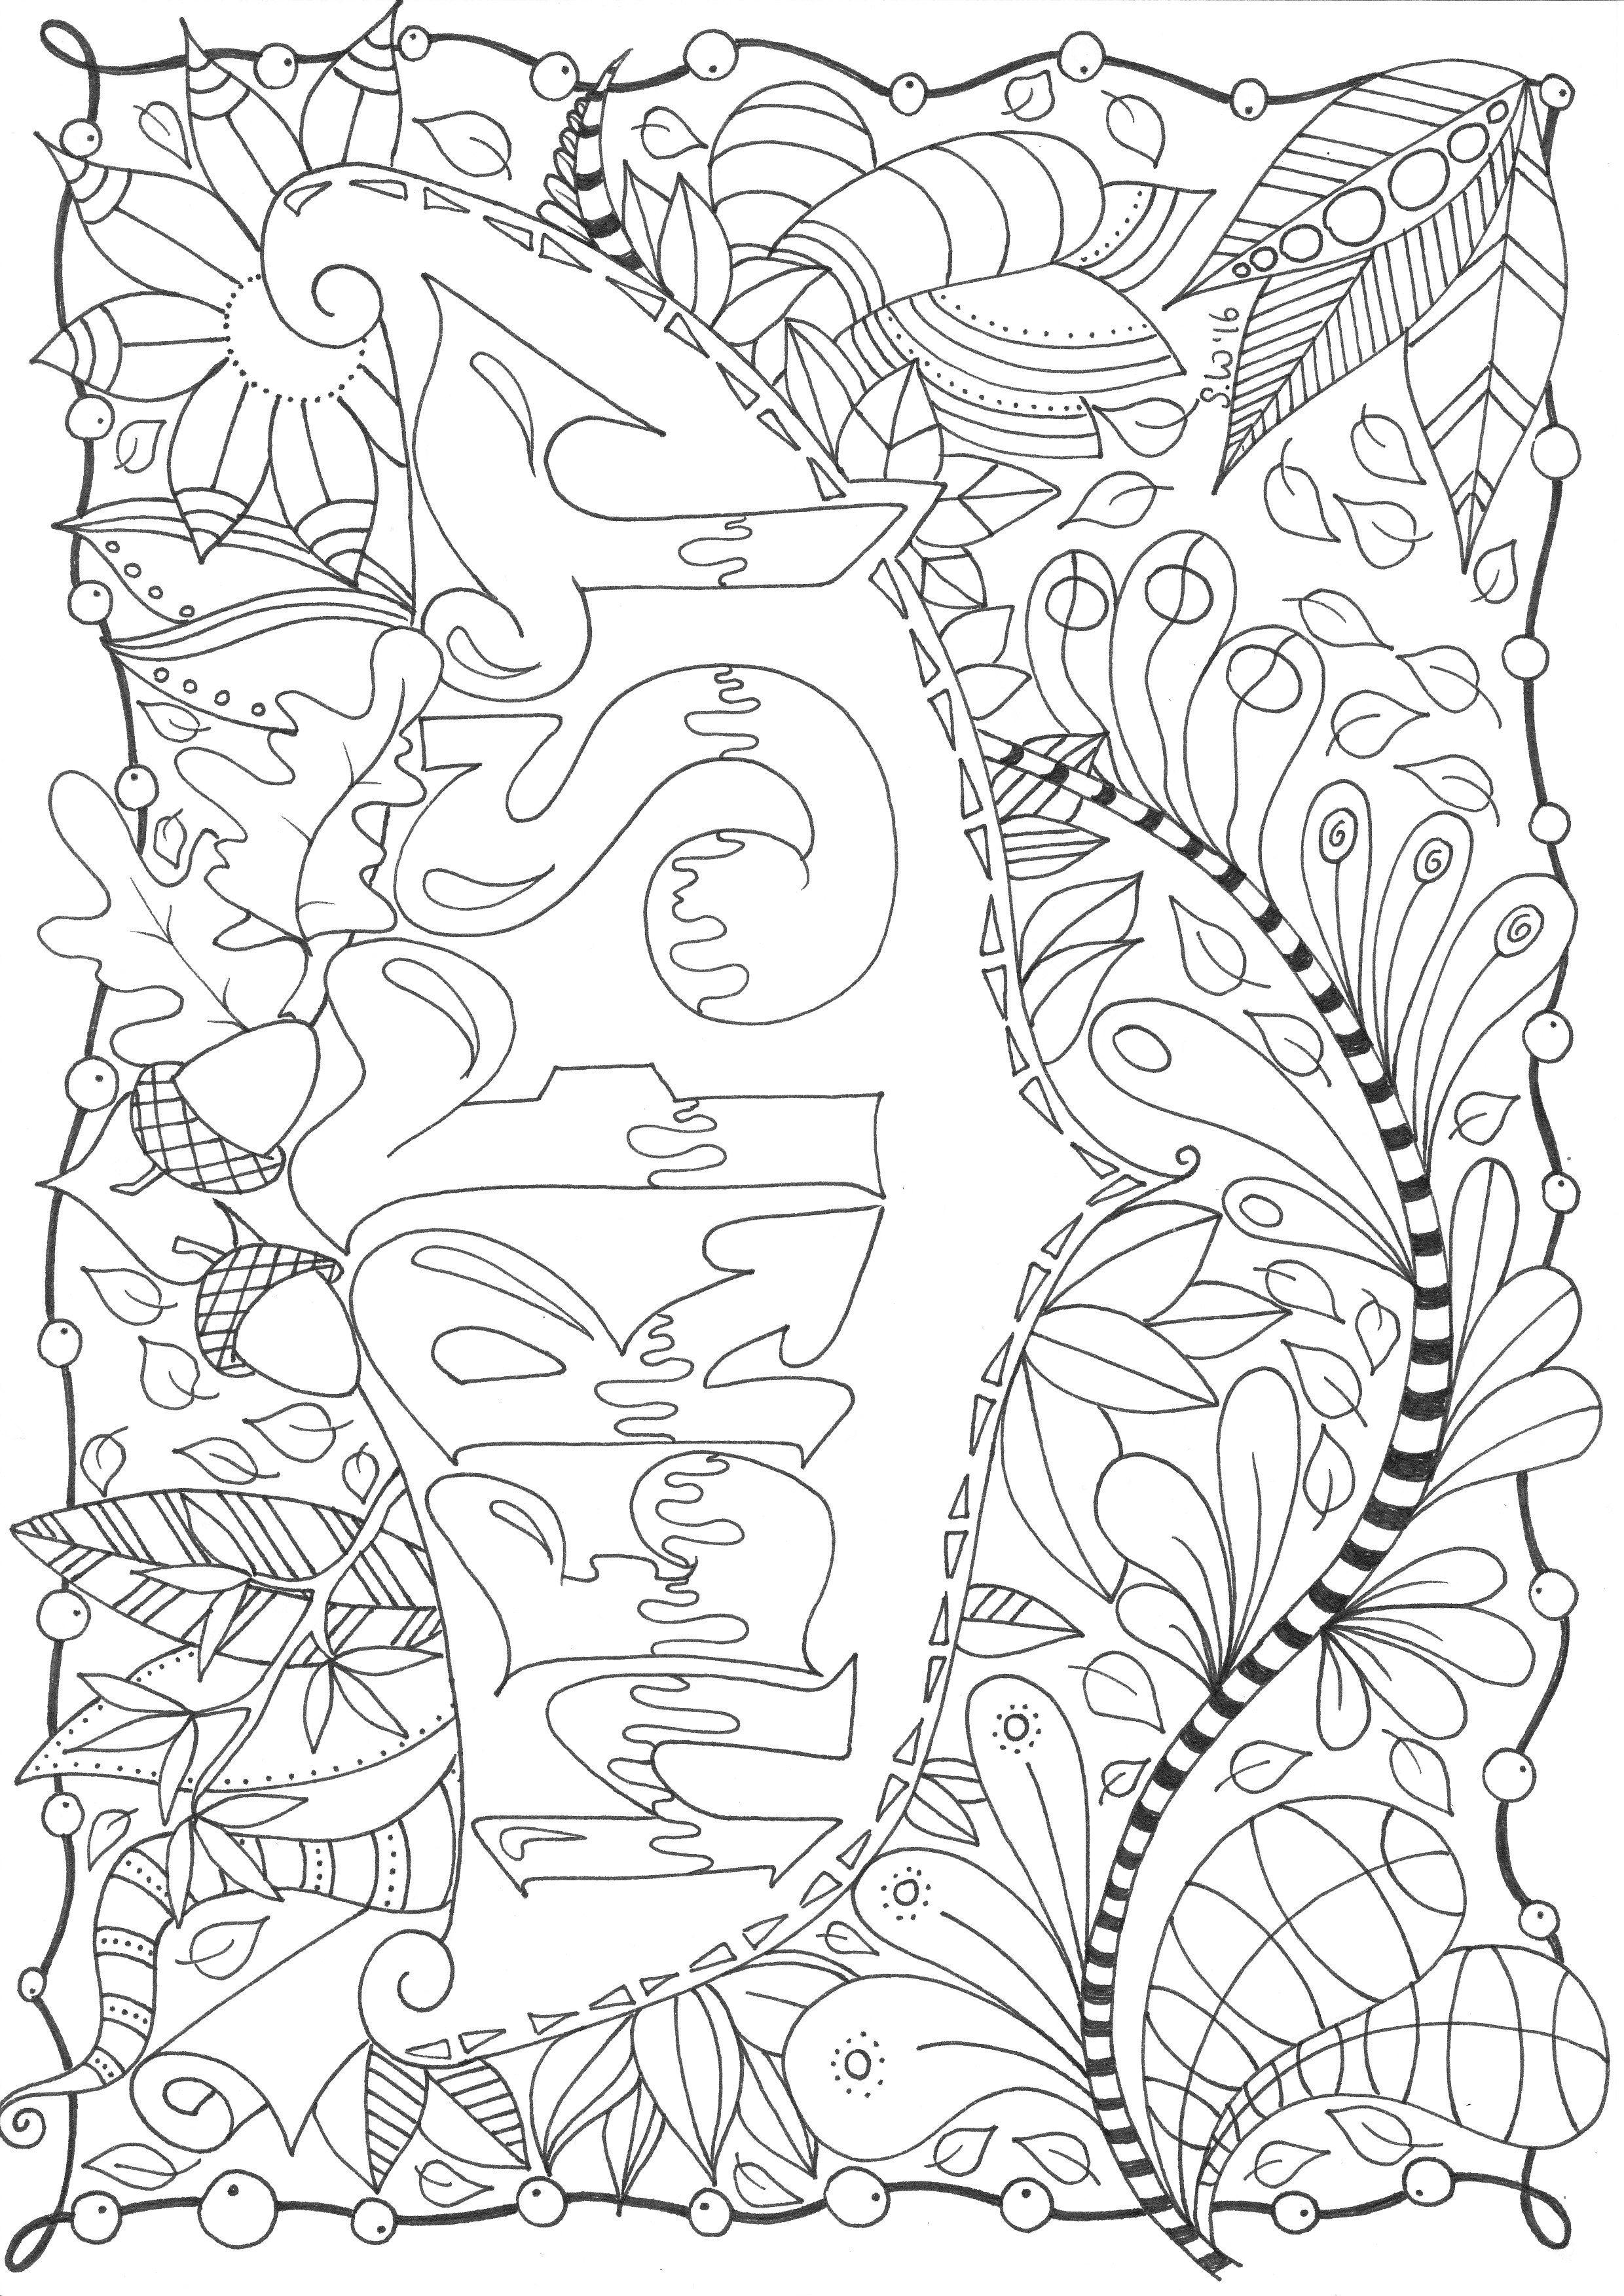 Kleurplaten Herfst Volwassenen.Gordijn Kleurplaat Henk Meijer Photography